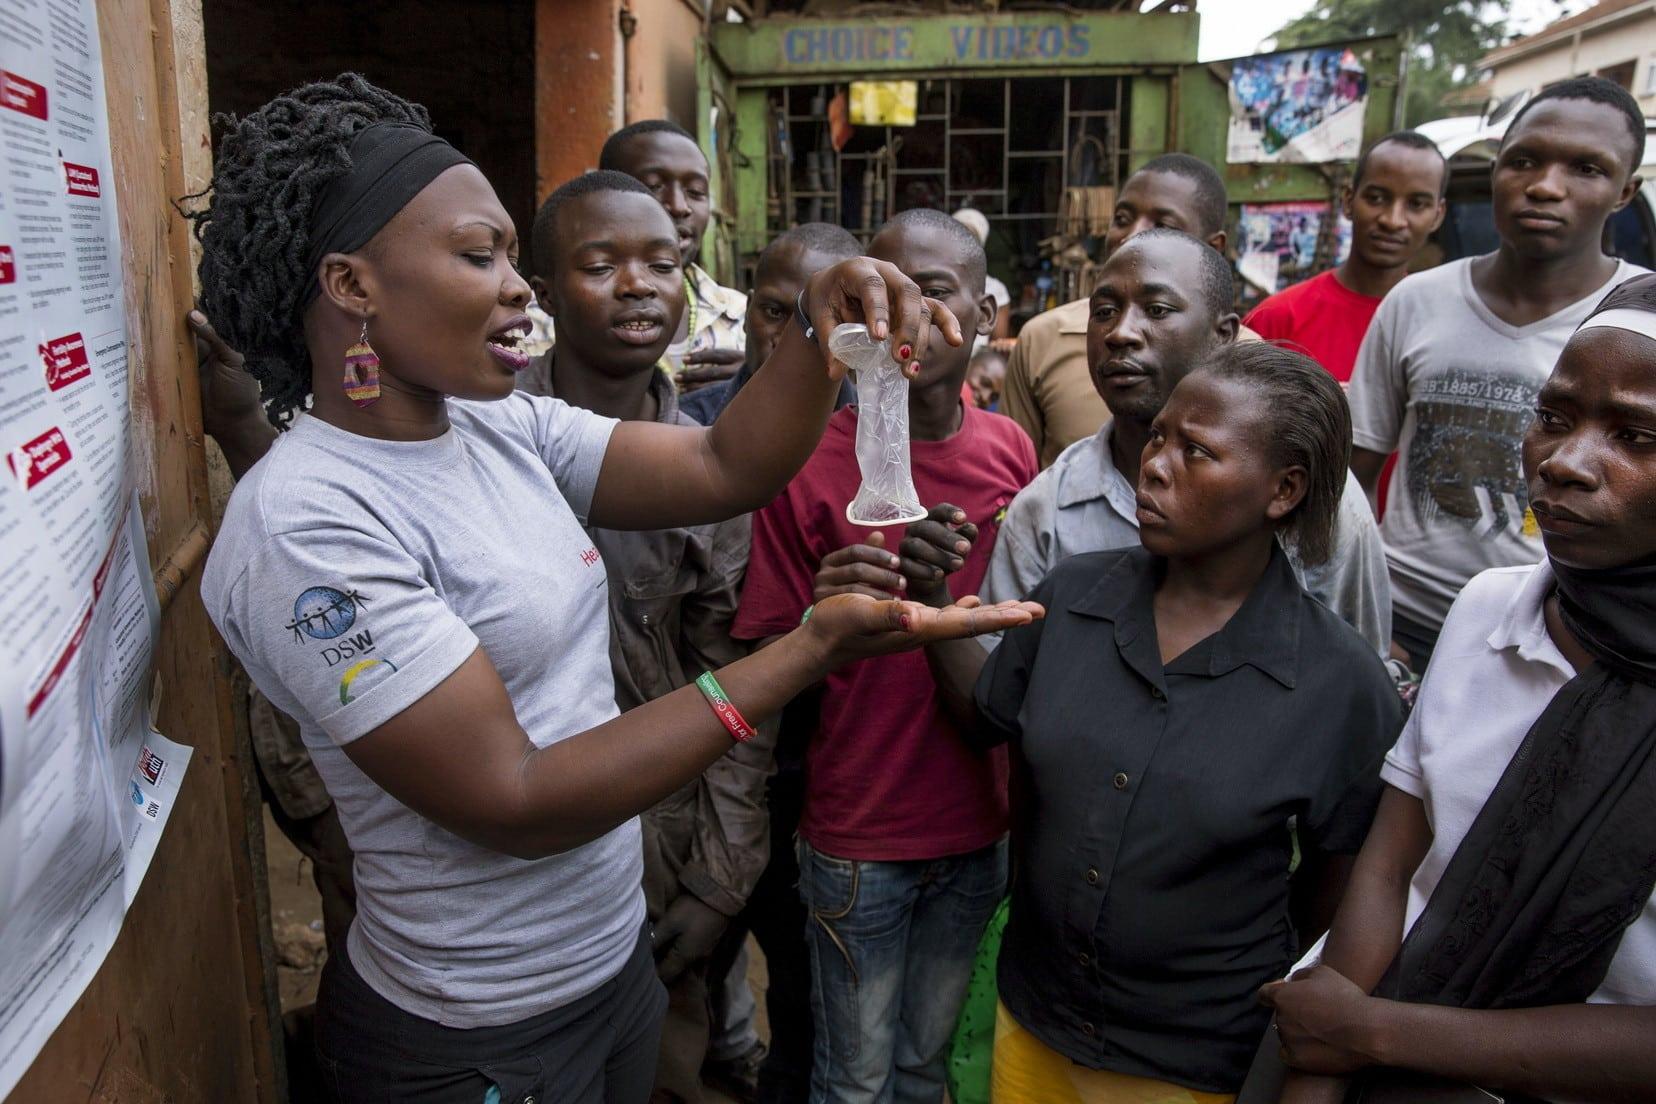 Aufklärungsveranstaltung eines Jugendklubs der DSW in einem Slum in Kampala, Uganda